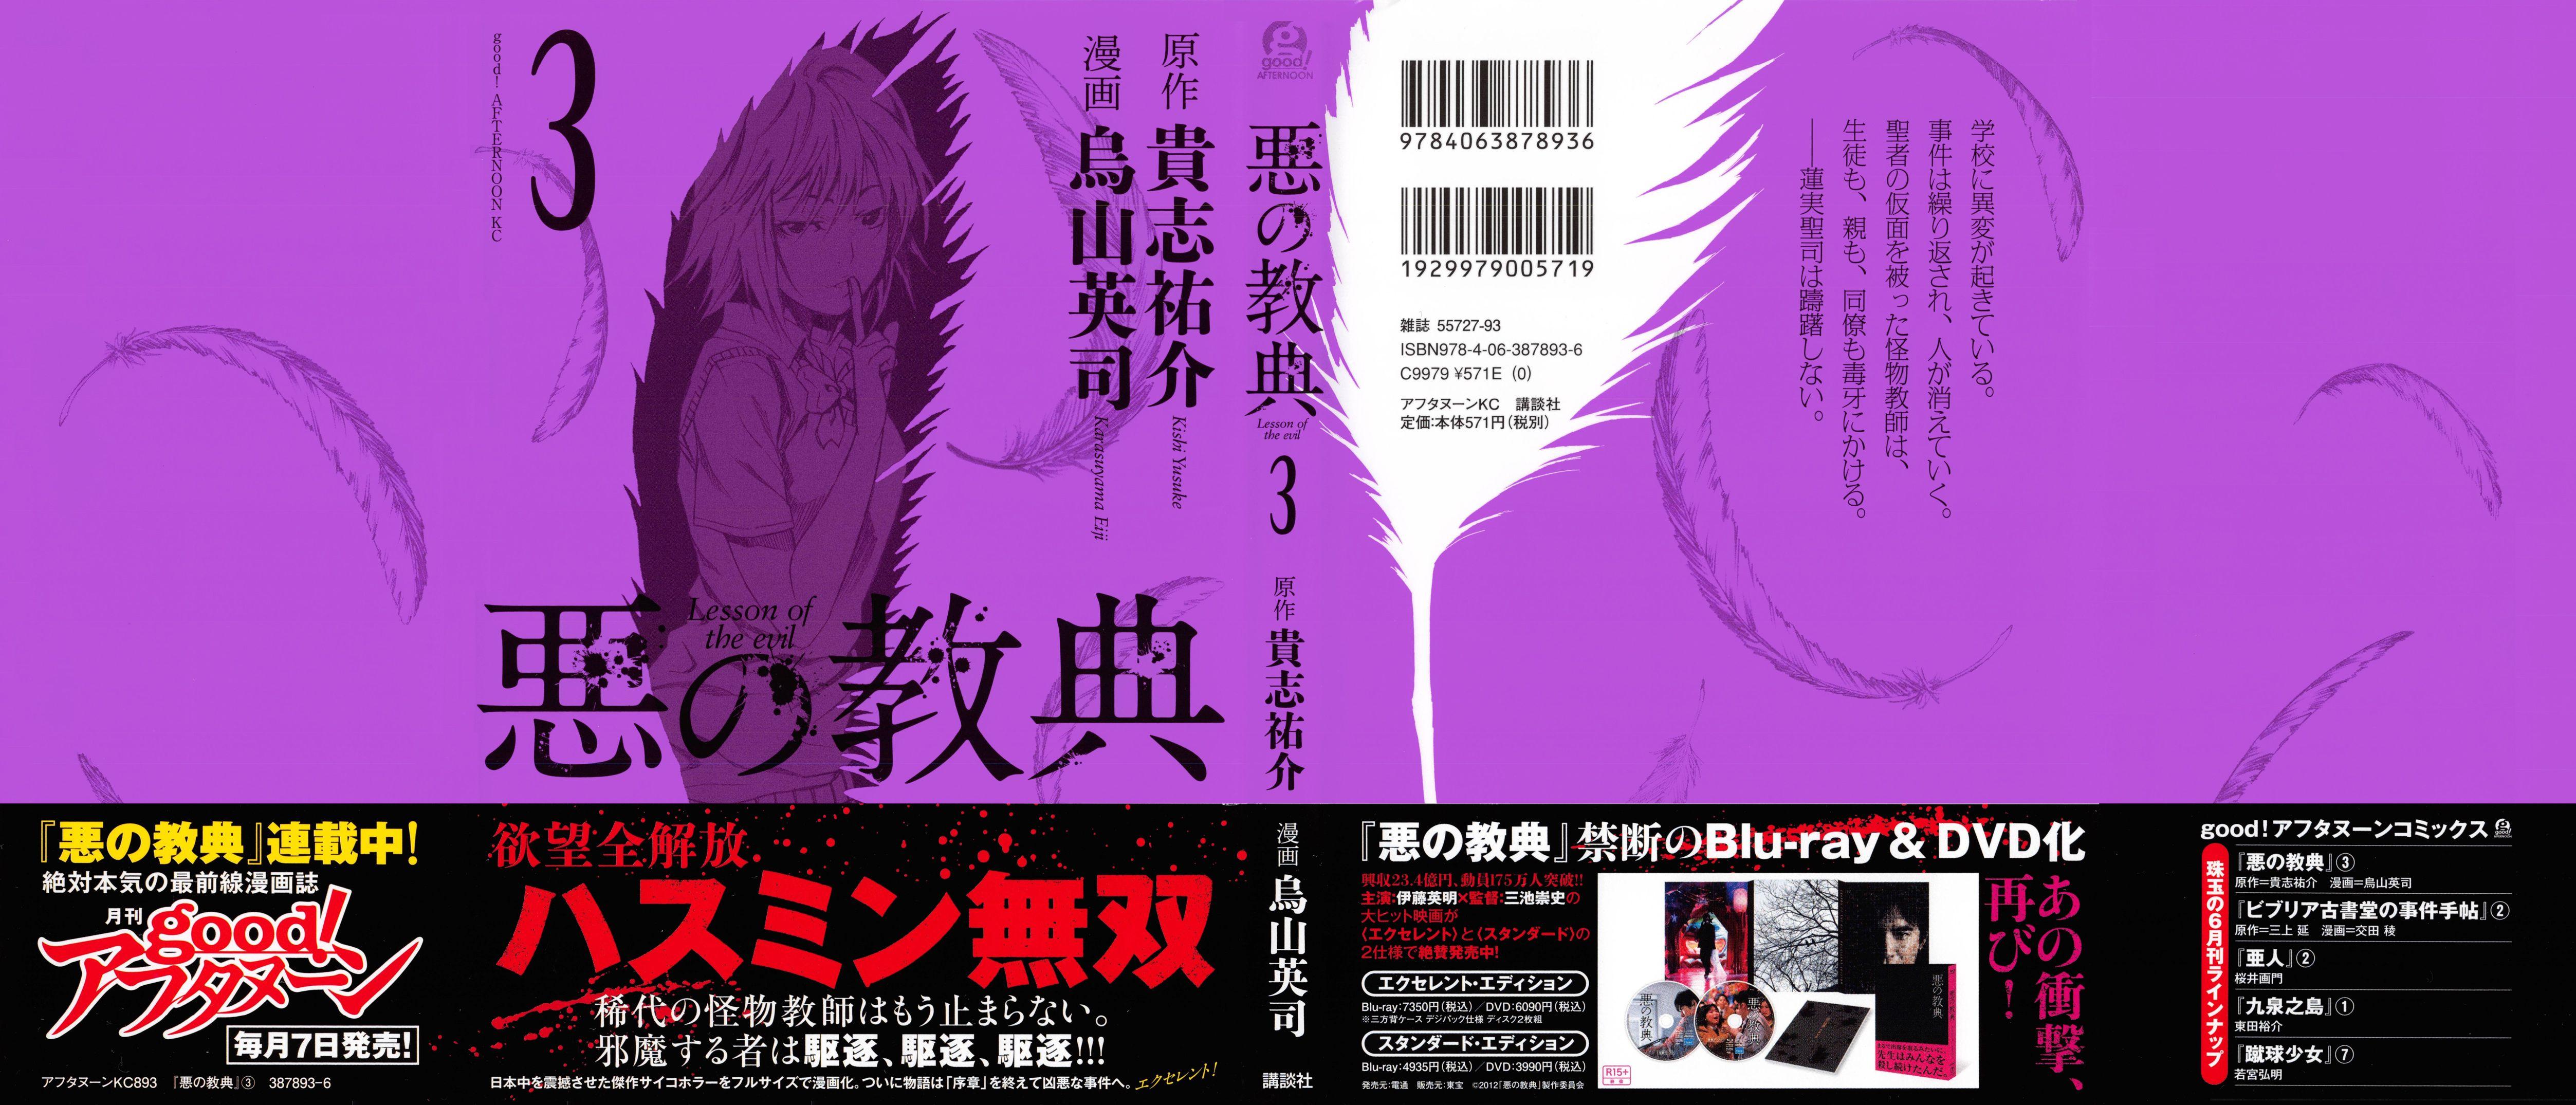 http://c5.ninemanga.com/es_manga/pic2/3/19523/524169/0025ad7a491d38ca9bb71732255dc01d.jpg Page 1